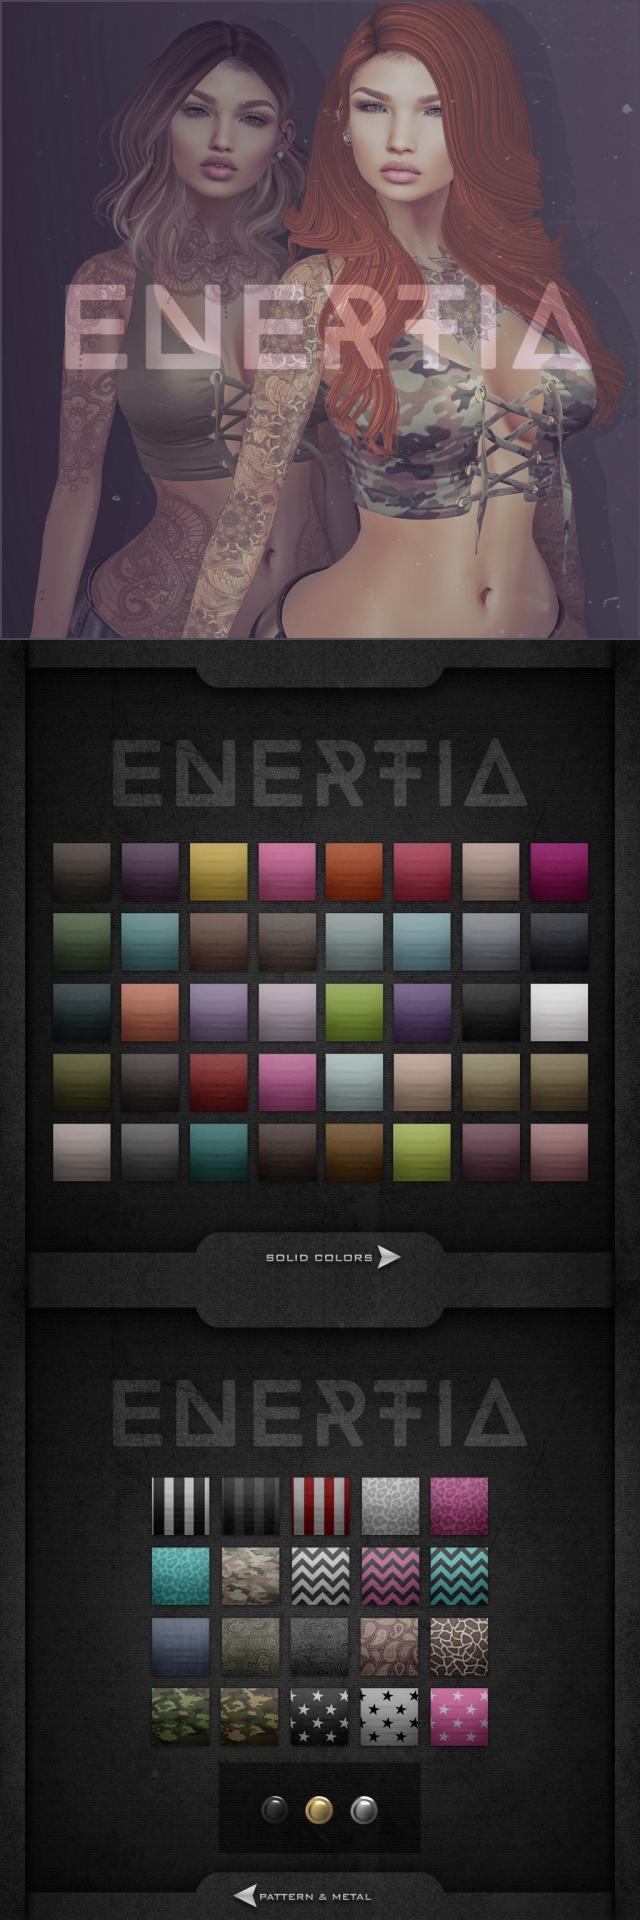 enertia-i-spicy-top-blog